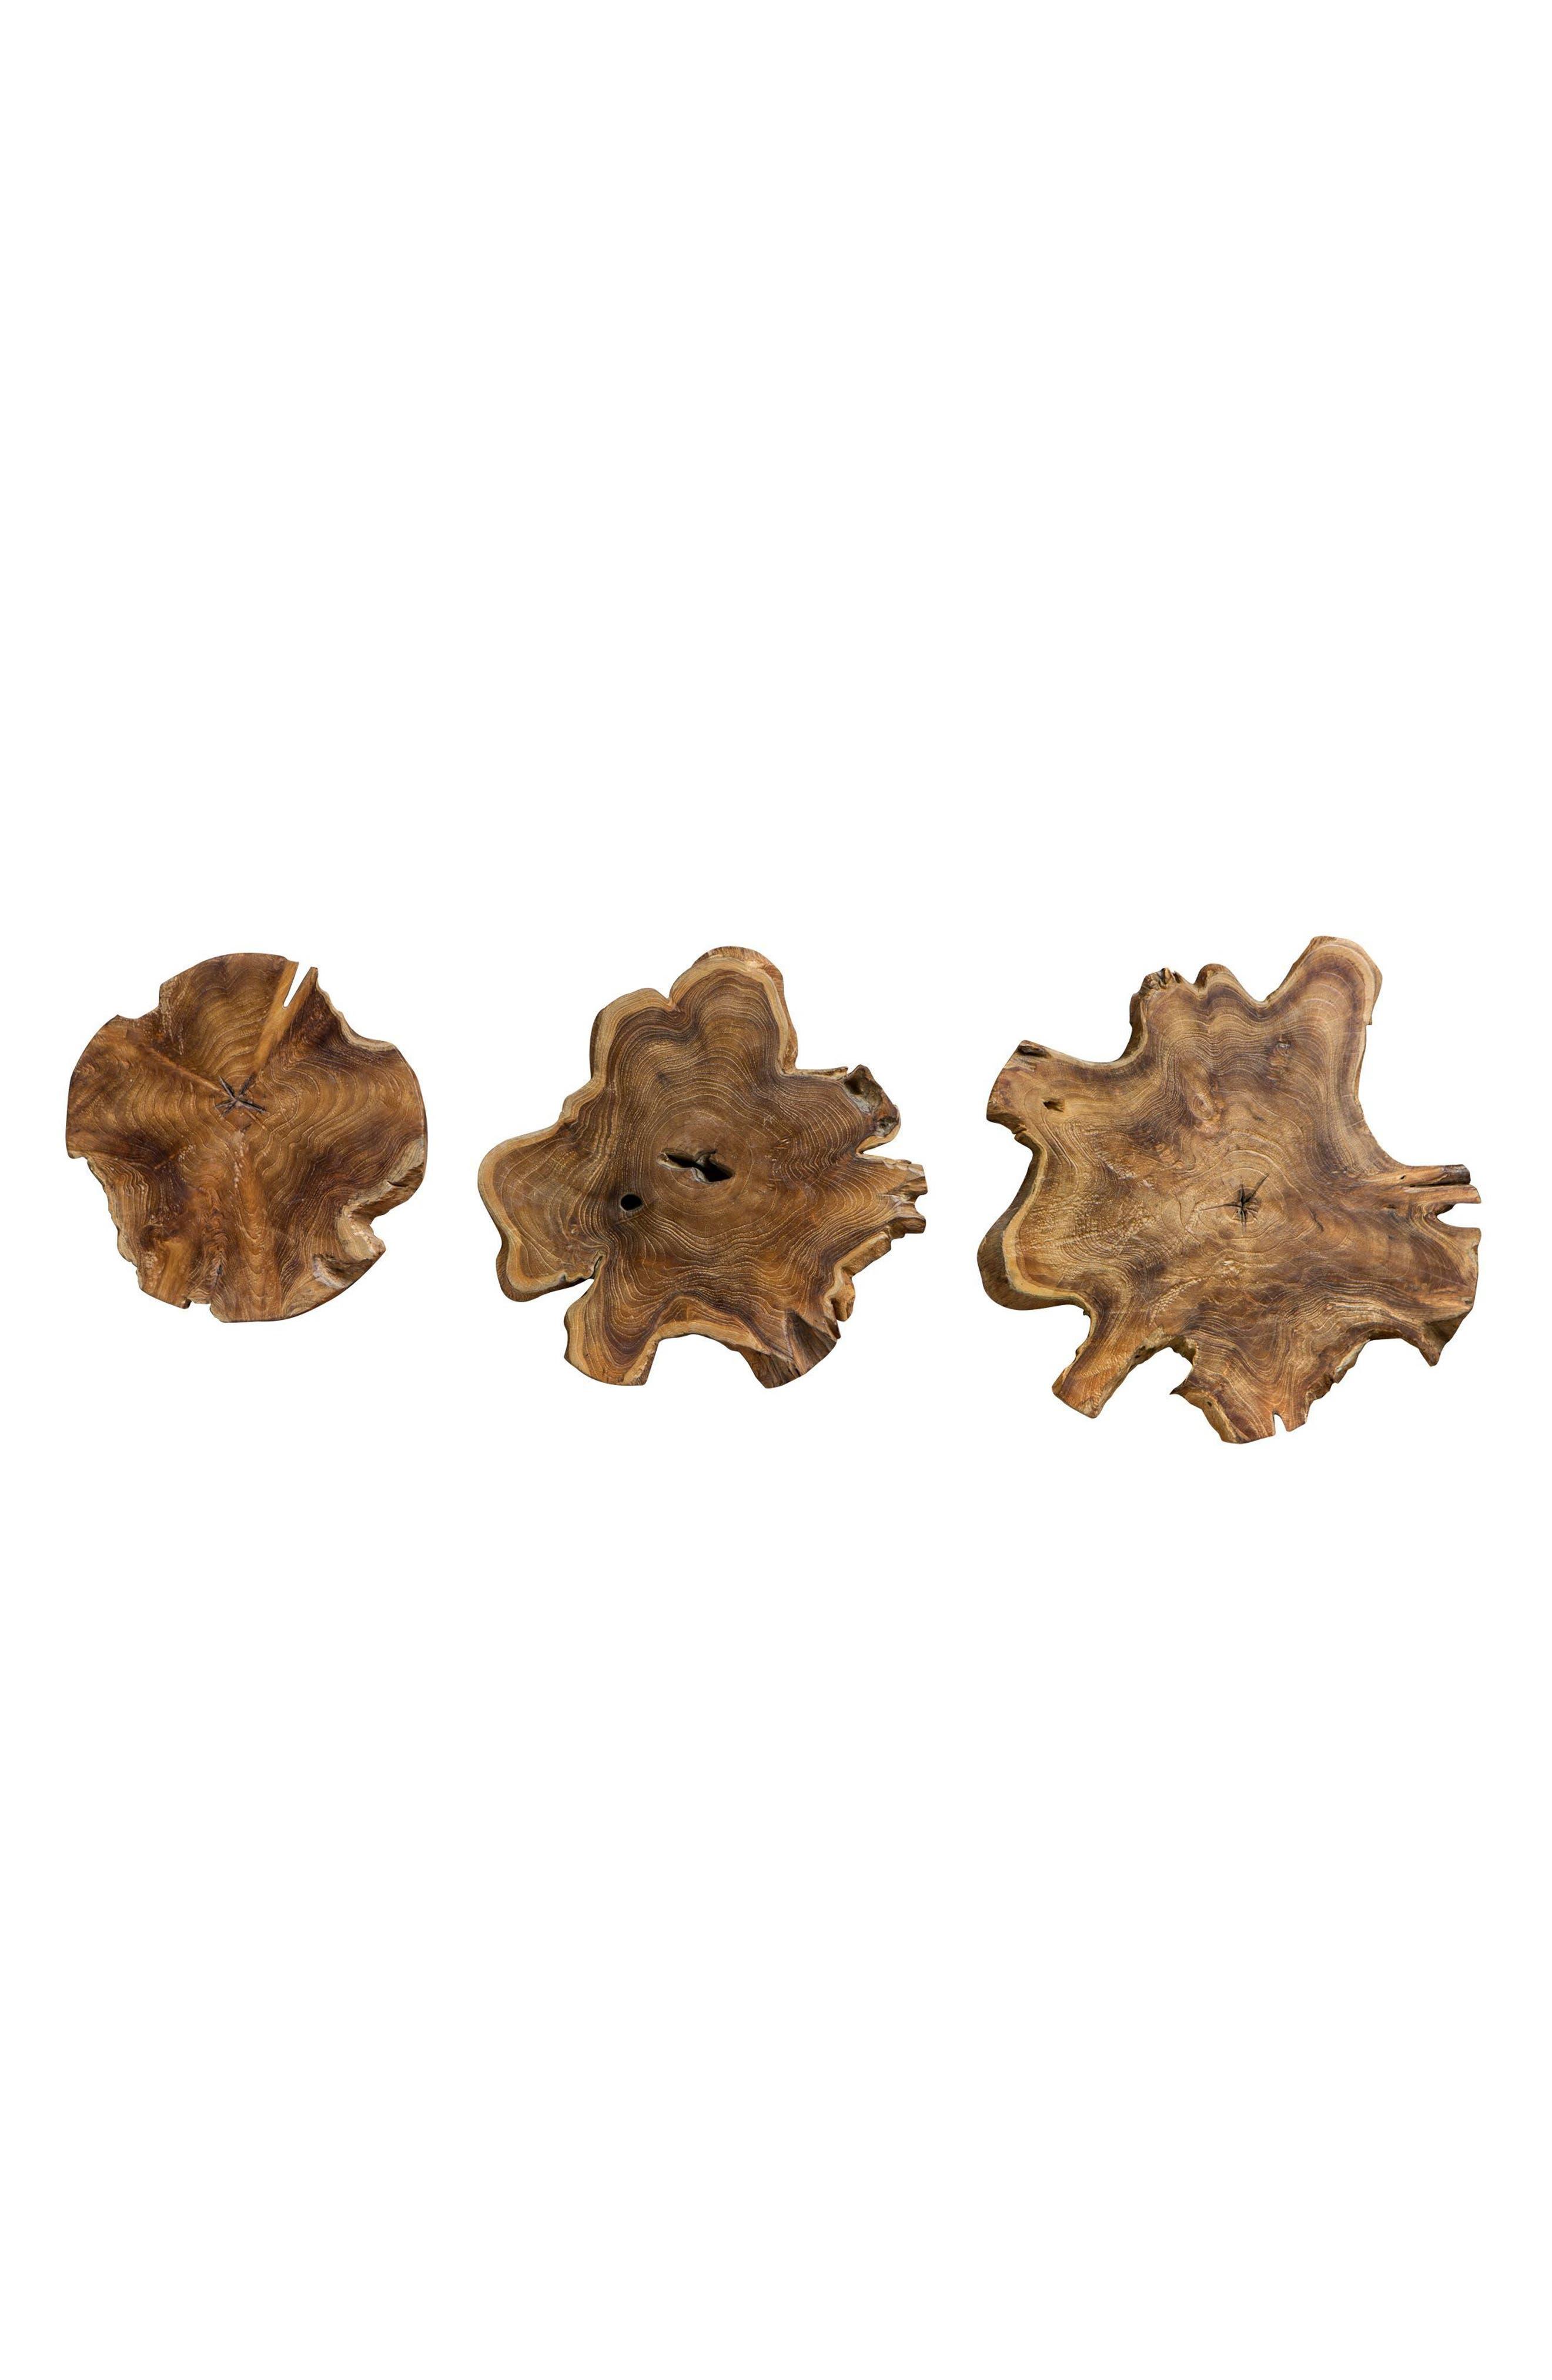 Main Image - Uttermost Kalani Set of 3 Wood Decorations